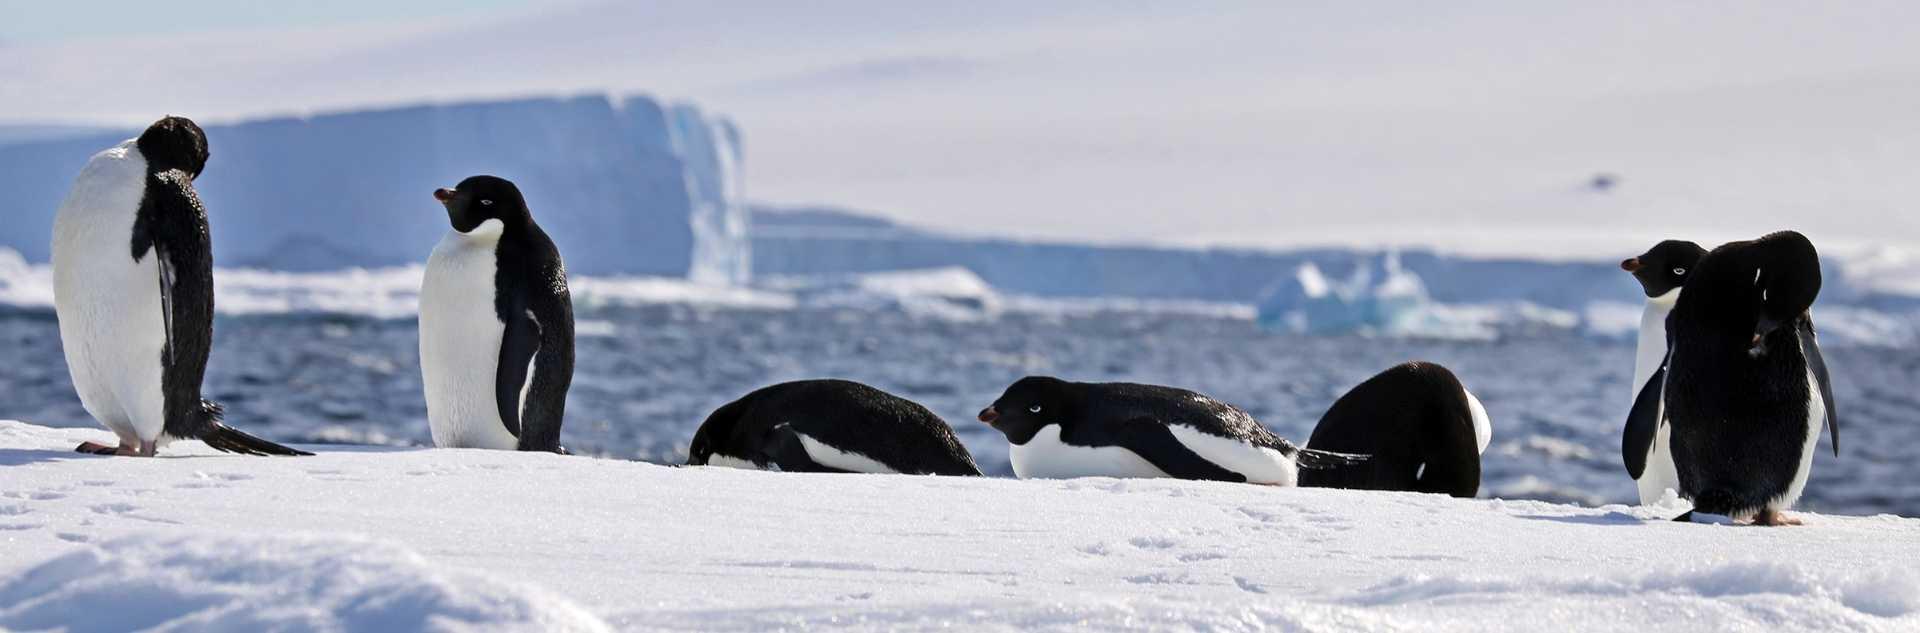 Pinguine im Eis auf Expeditionsreise beobachten